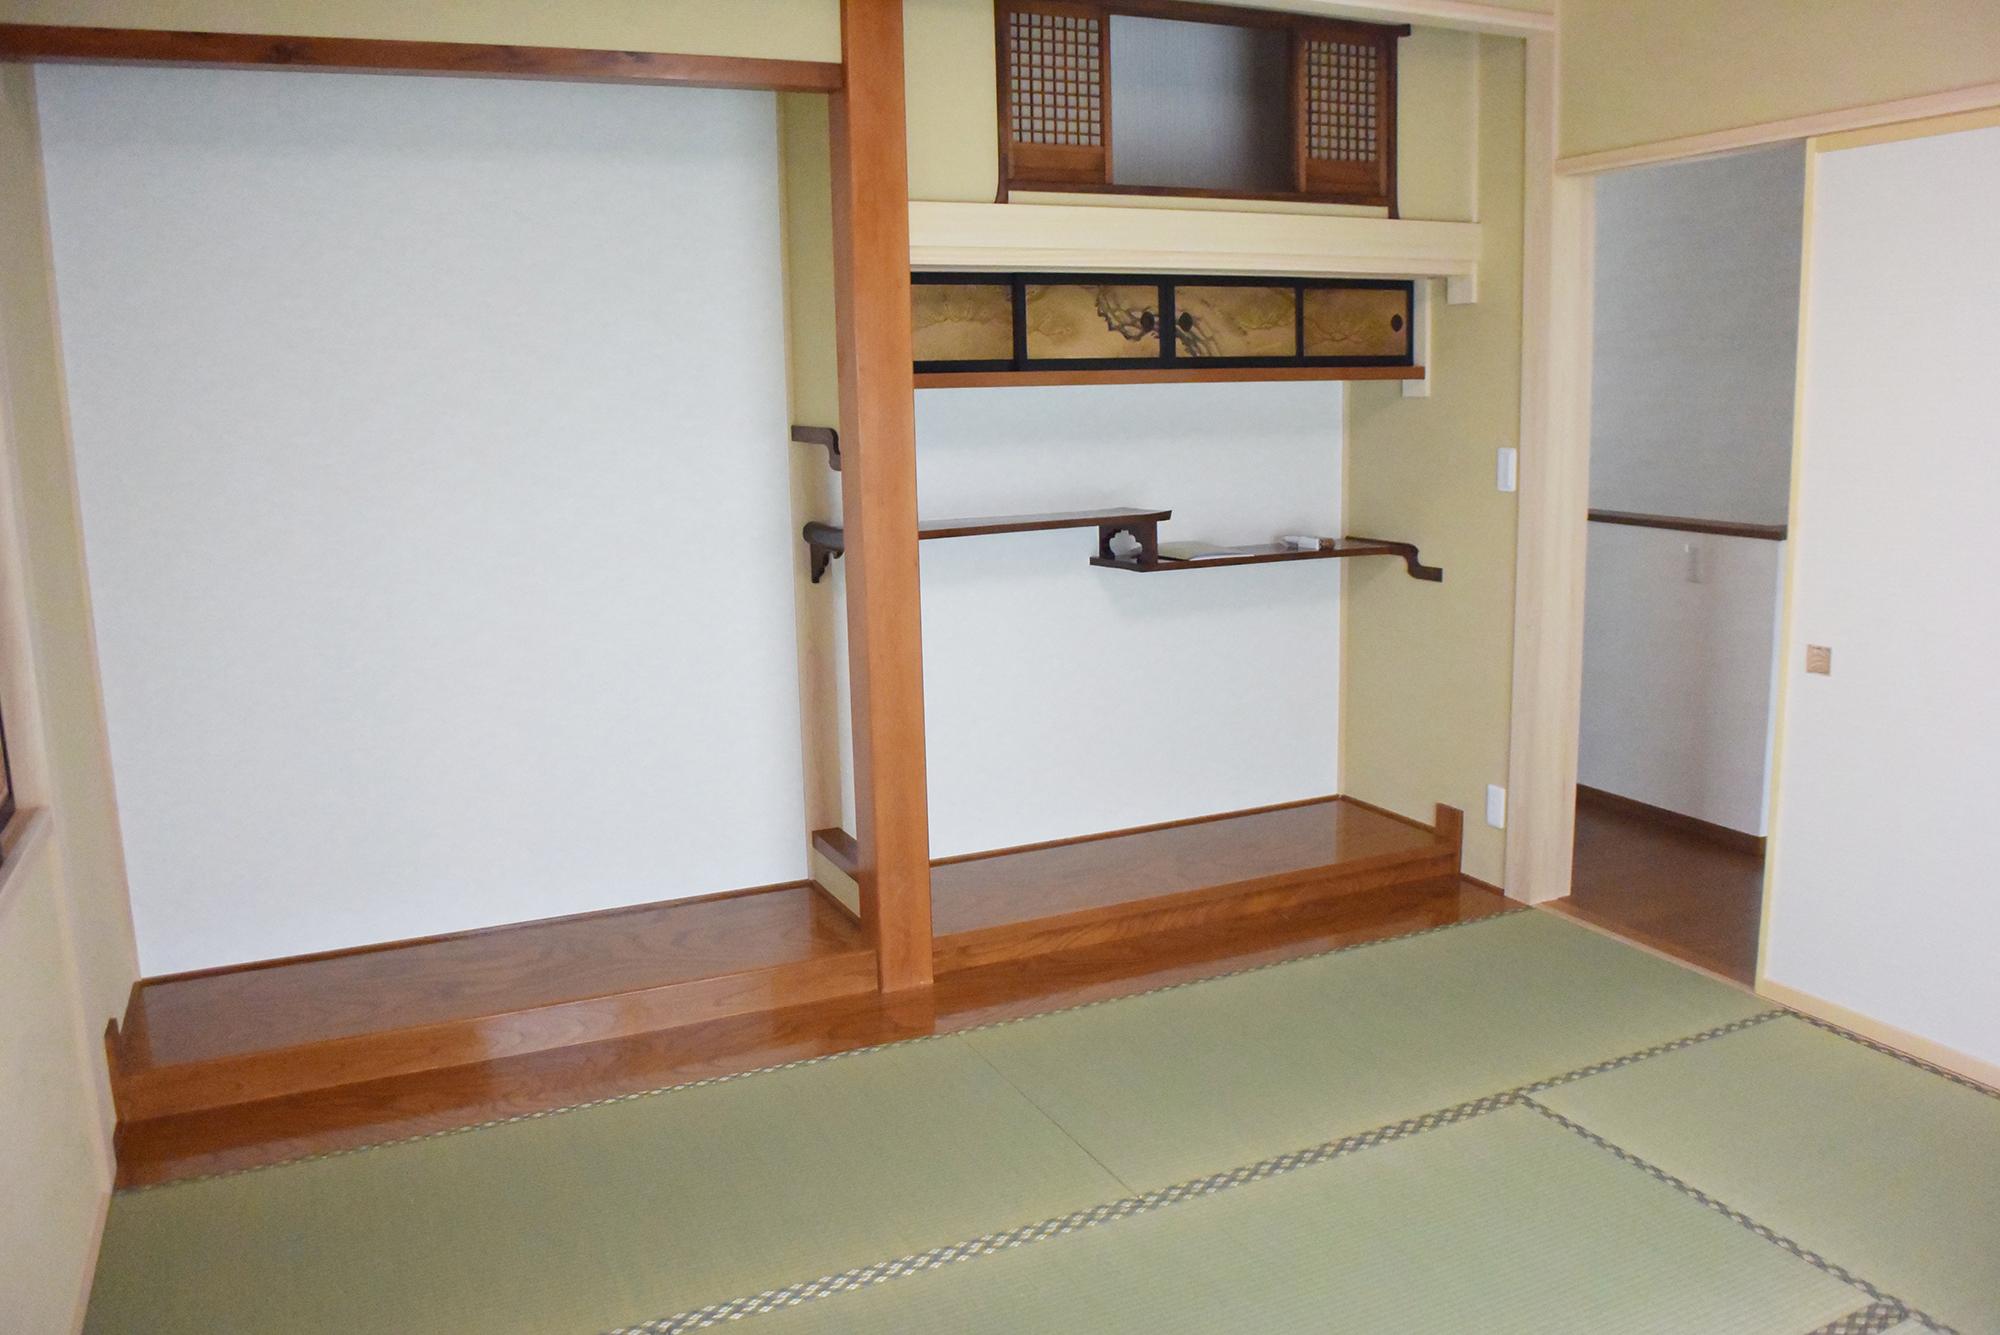 旧住宅の床の間材を再利用しました。